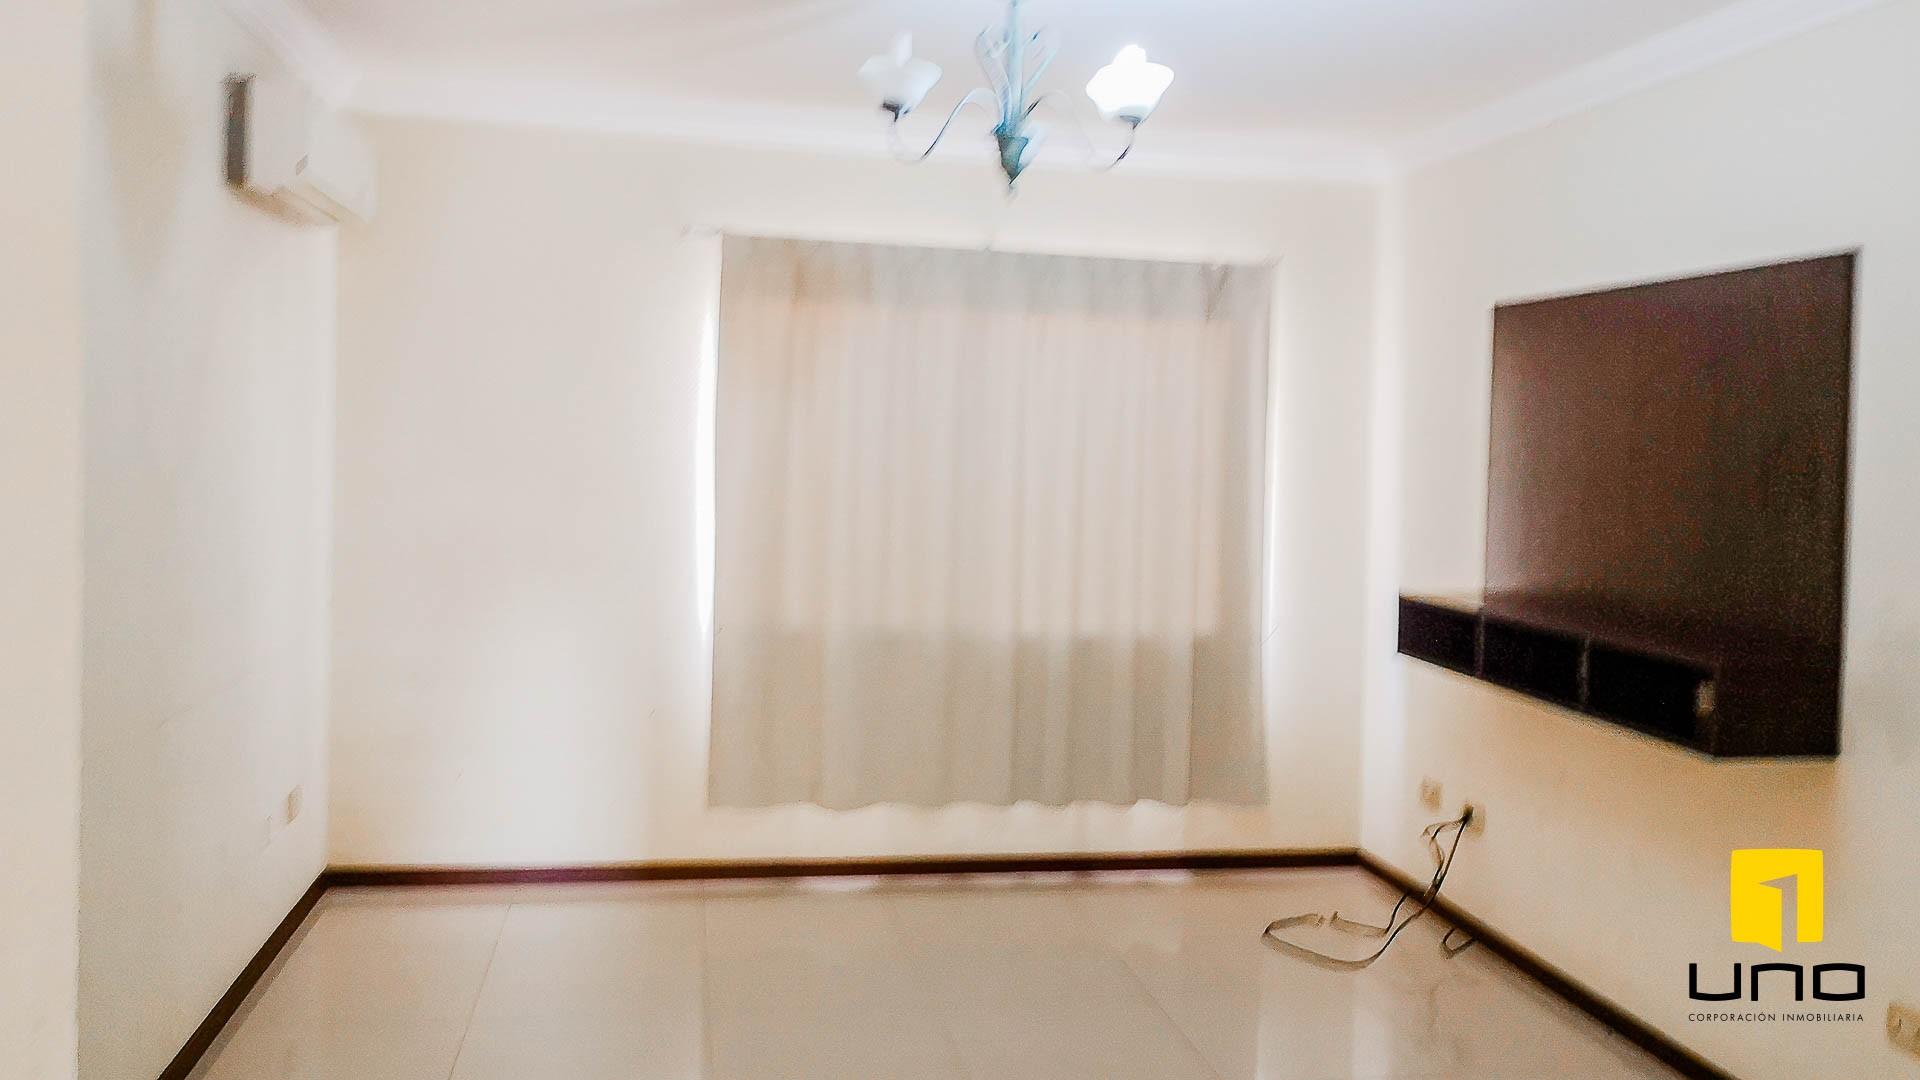 Casa en Alquiler CONDOMINIO HAMBURGO ALQUILO CASA DE 3 SUITES Foto 3